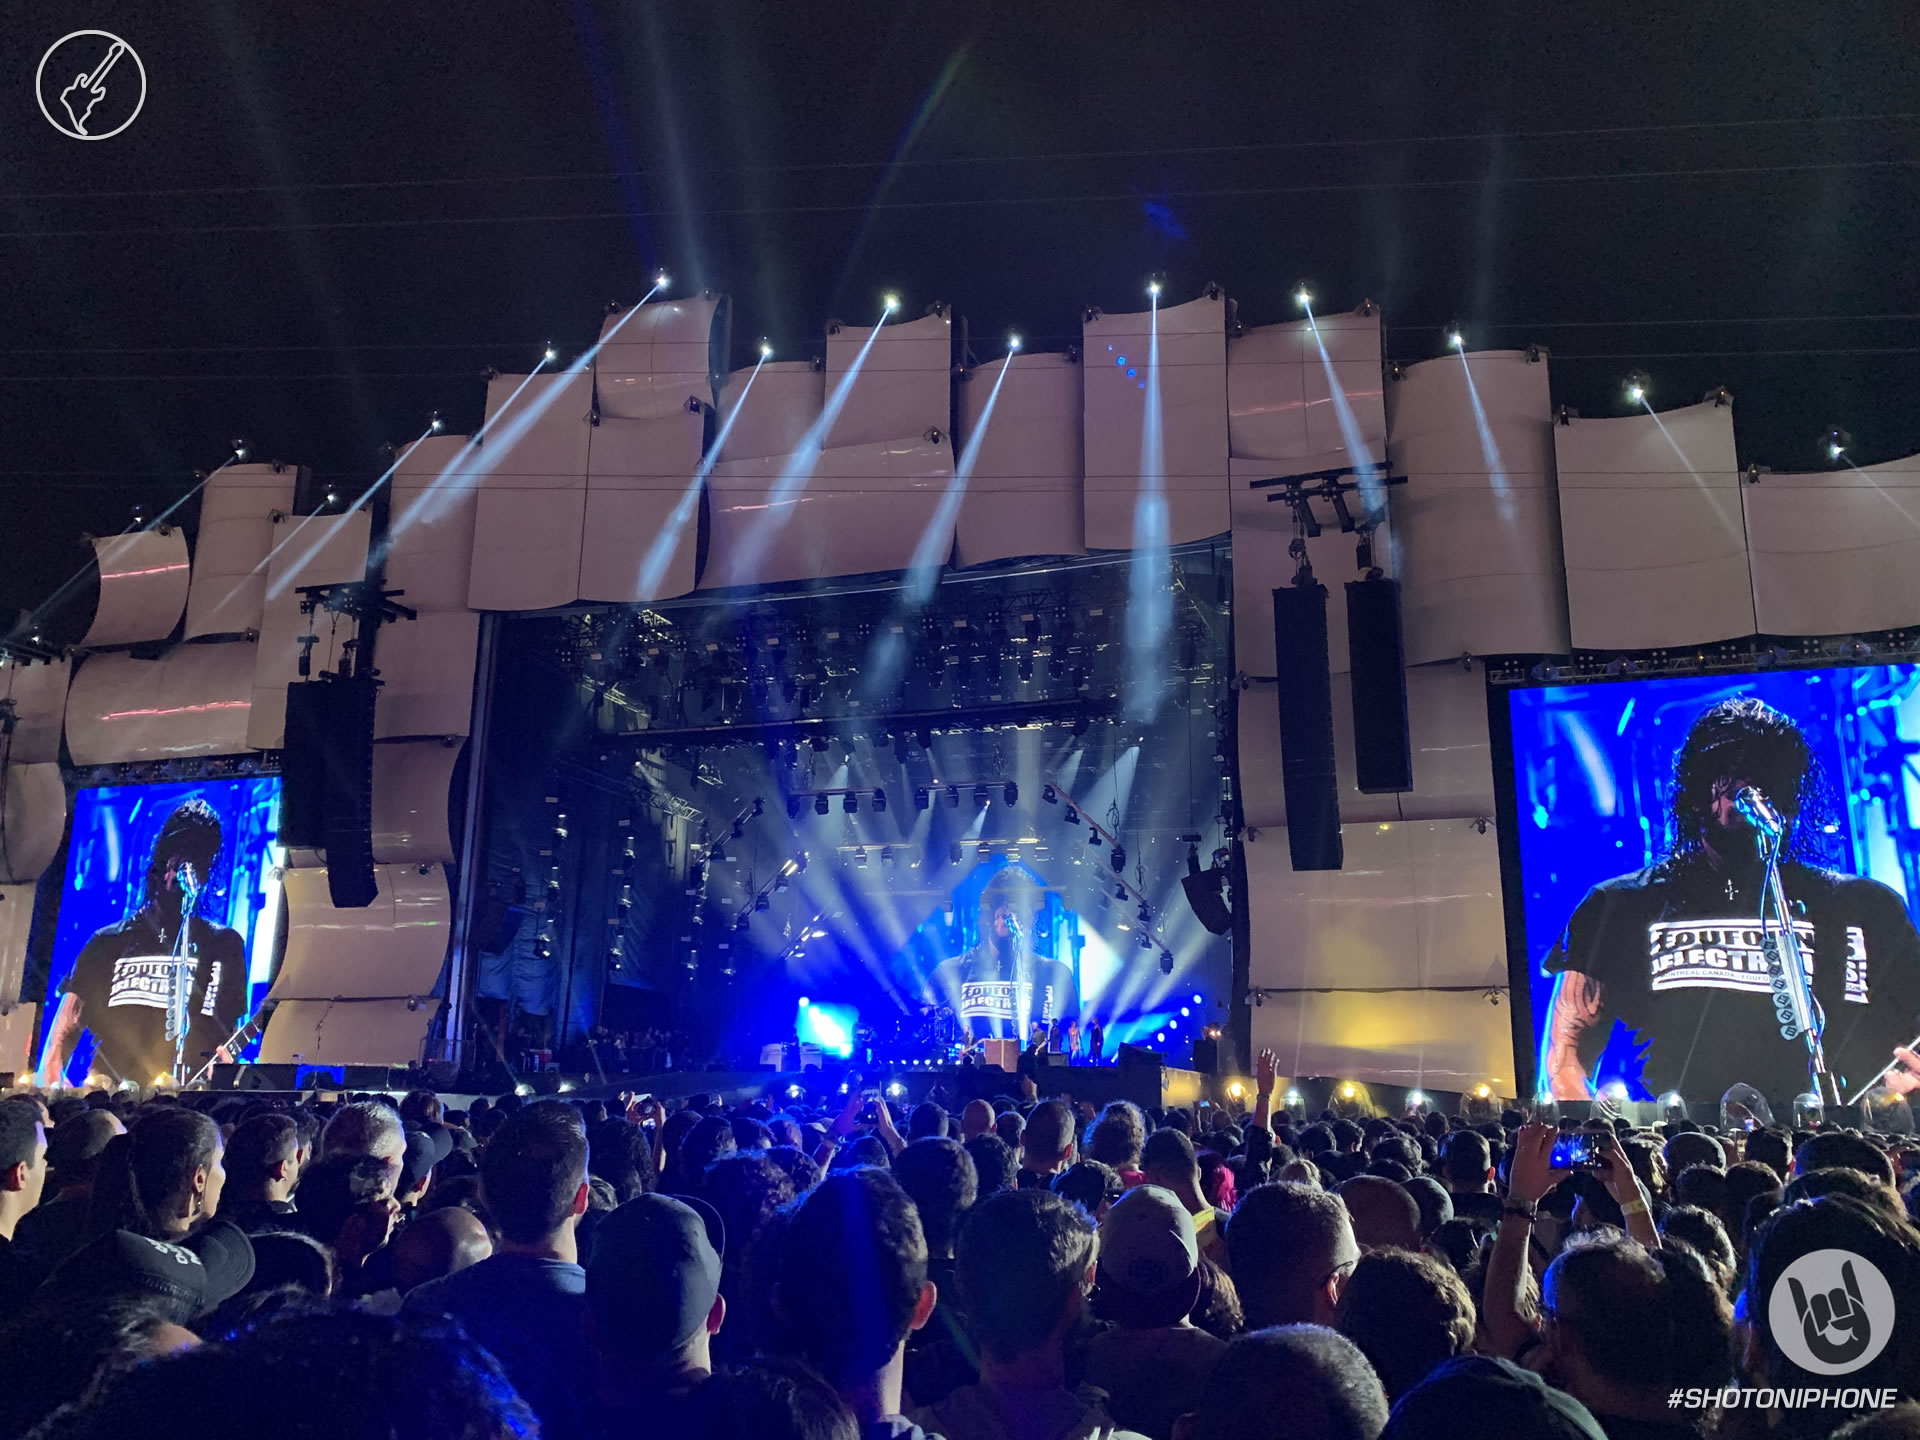 Palco Mundo Rock in Rio 2019